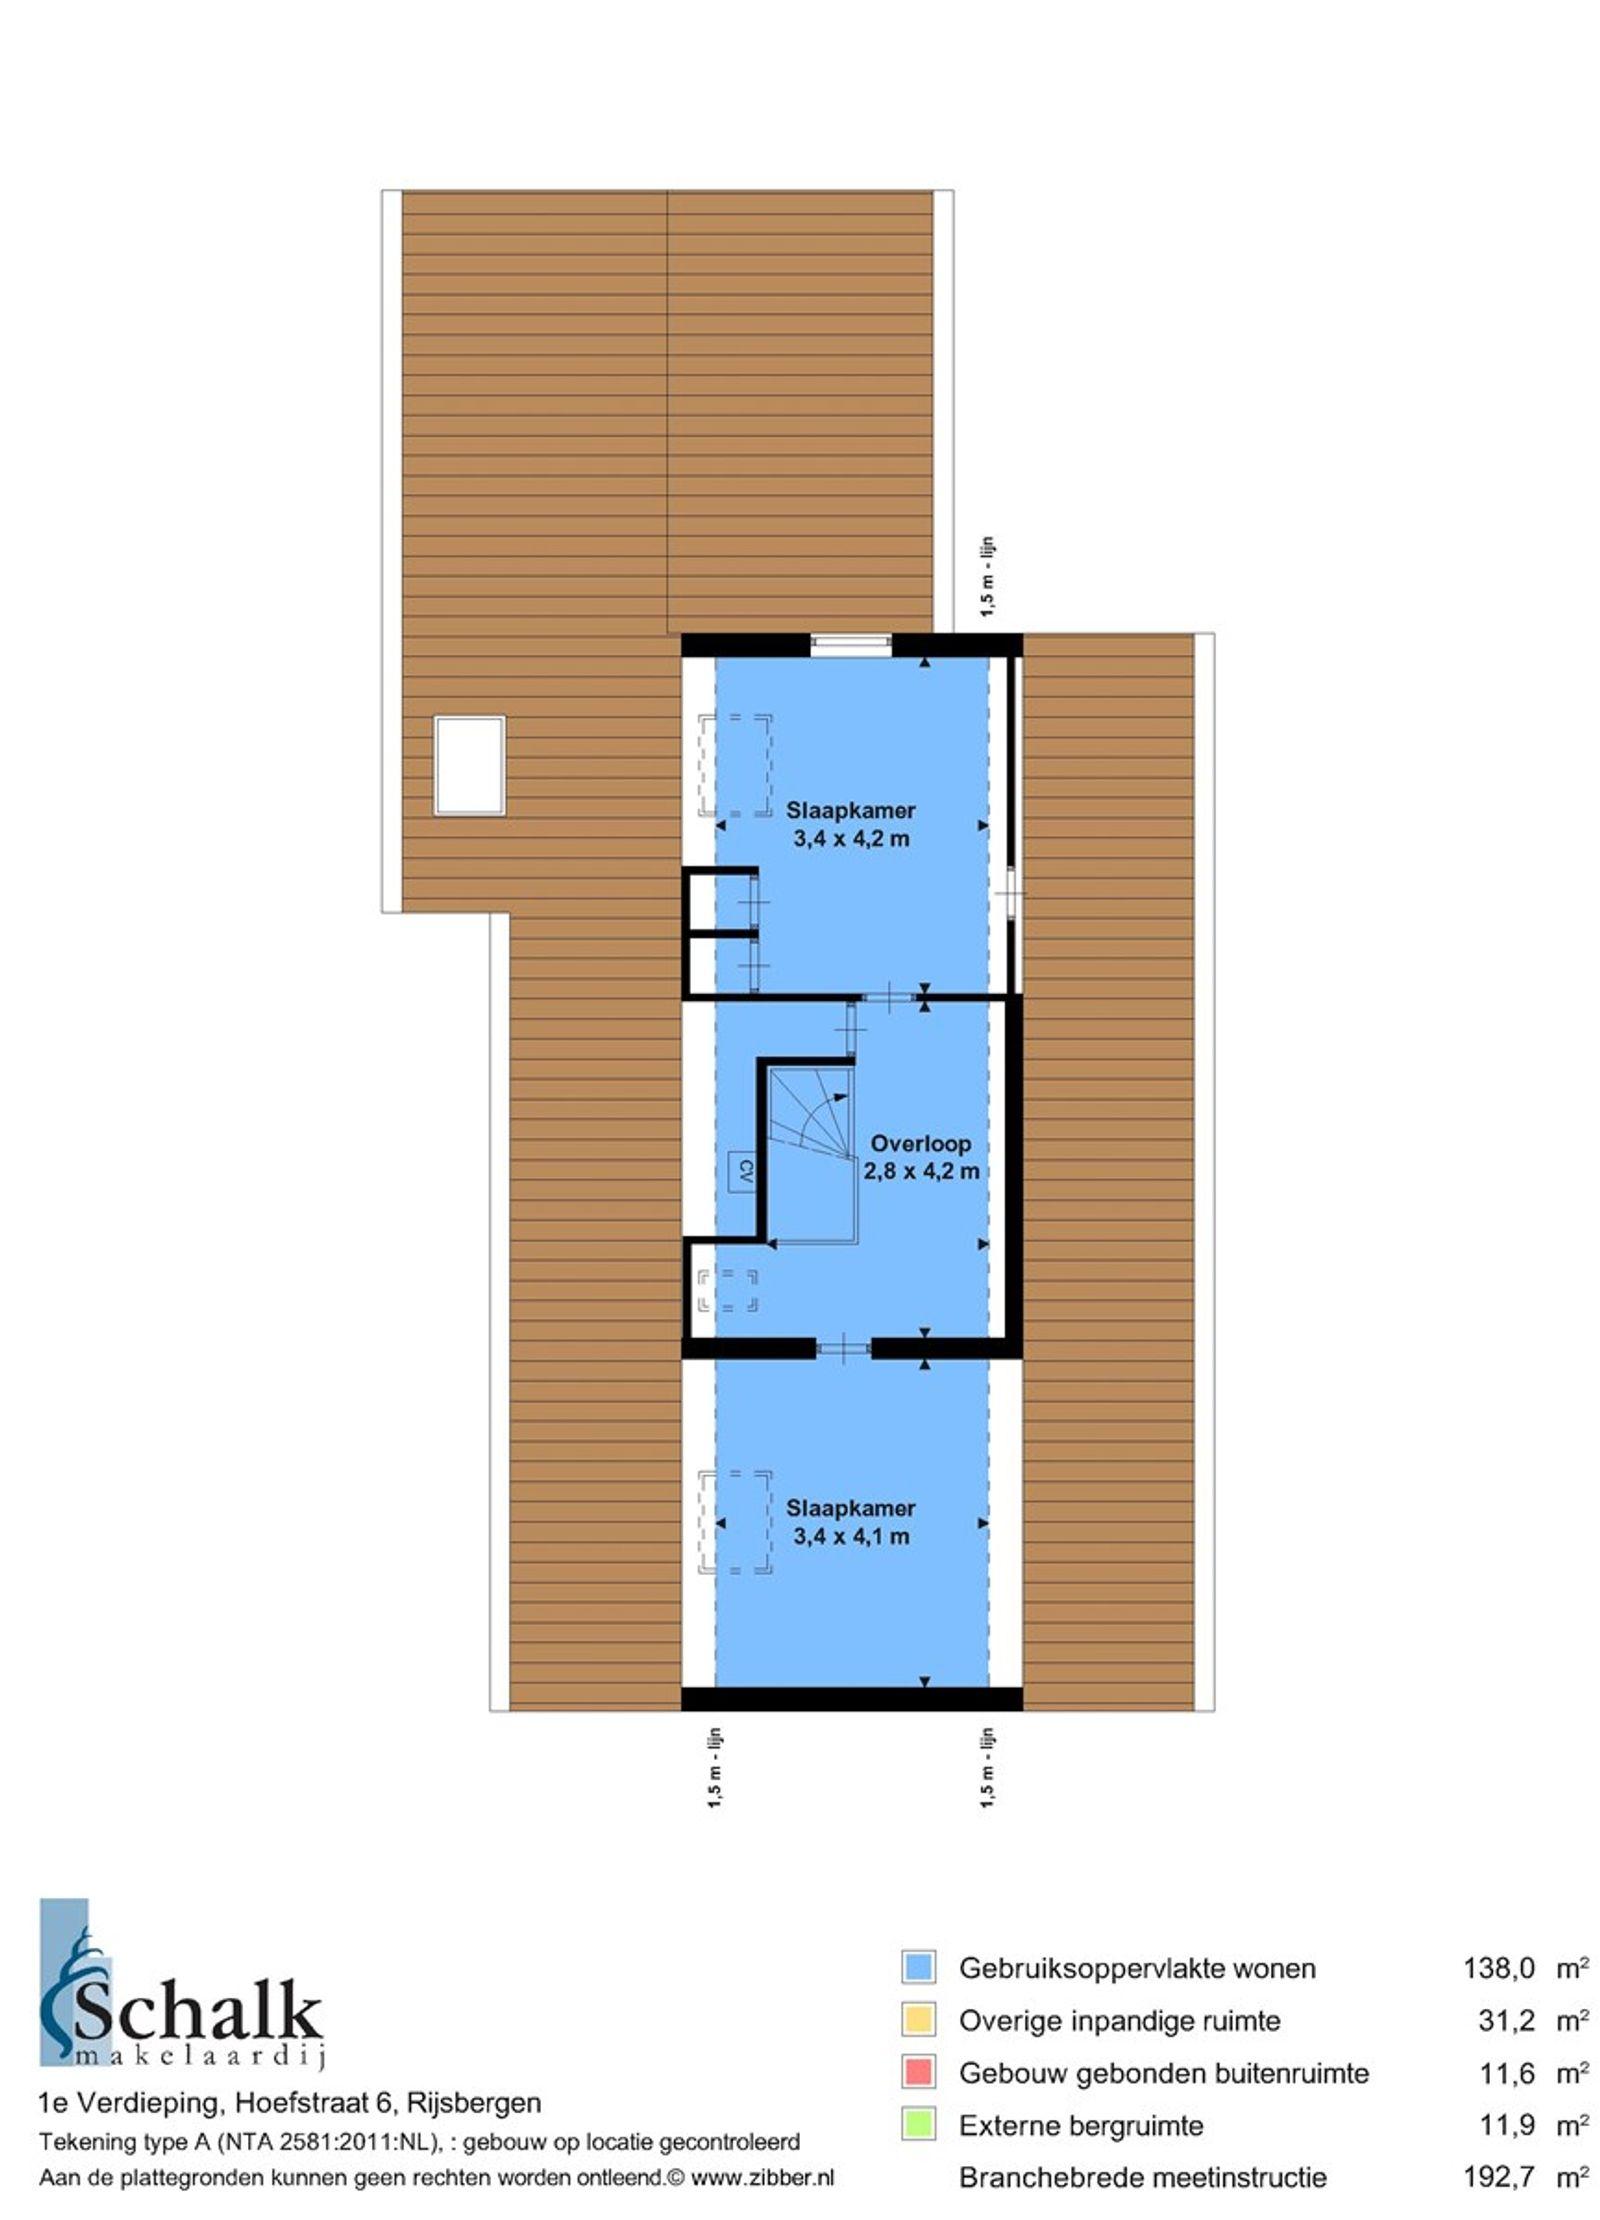 Op loopafstand van natuurgebied -Pannenhoef- en op enkele minuten van het dorpscentrum, de kinderboerderij, het zwembad en het sportcomplex, staat deze vrijstaande woning met aangebouwde garage en diepe achtertuin. De woning is gelegen op een perceel van 1.765 m². De begane grond heeft o.a. een ruime woonkamer, een nette leefkeuken, twee slaap-/kantoorkamers, een moderne badkamer, een wasruimte en een praktische bijkeuken. Op de eerste verdieping bevinden zich de derde en vierde slaapkamer alsmede een cv ruimte.    Rondom de woning ligt een verzorgd aangelegde tuin. De royale achtertuin is geheel omheind middels een hekwerk en beschikt onder andere over een veranda, tuinhuis, (kweek)kas, moestuin en diverse terrassen waardoor u in alle rust kunt genieten van het buitenleven!   Mogelijkheid om object met minder grond aan te kopen. Neem contact op met ons kantoor voor de mogelijkheden.   BEGANE GROND Entree/hal met toegang tot de woonkamer, twee slaapkamers, badkamer en vaste trap naar de eerste verdieping.  Afwerking- tegelvloer, Spachtelputz wanden en een stucwerk plafond.  Meterkast- 8 groepen, aardlekschakelaar en krachtstroomgroep.  Woonkamer met elektrische haard en grote raampartij aan de voorzijde.  Afwerking- tegelvloer, Spachtelputz wanden en een stucwerk plafond.   Leefkeuken in hoekopstelling uitgerust met een granieten aanrechtblad, 1 spoelbak, keramische  kookplaat, magnetron, elektrische oven, vaatwasser en RVS afzuigkap. De ruimte geeft toegang tot een voorraadkast en bijkeuken.  Afwerking- tegelvloer, Spachtelputz wanden en een stucwerk plafond.   Slaap-/kantoorkamer 1- gesitueerd aan de linker voorzijde van de woning.  Afwerking- laminaatvloer, Spachtelputz wanden en een stucwerk plafond.   Slaap-/kantoorkamer 2- gesitueerd aan de linker achterzijde van de woning.  Afwerking- laminaat vloer, deels behangen en deels Spachtelputz wanden. Het plafond is afgewerkt met stucwerk.    Praktische bijkeuken met wasruimte voorzien van een wastafel en wasmachine